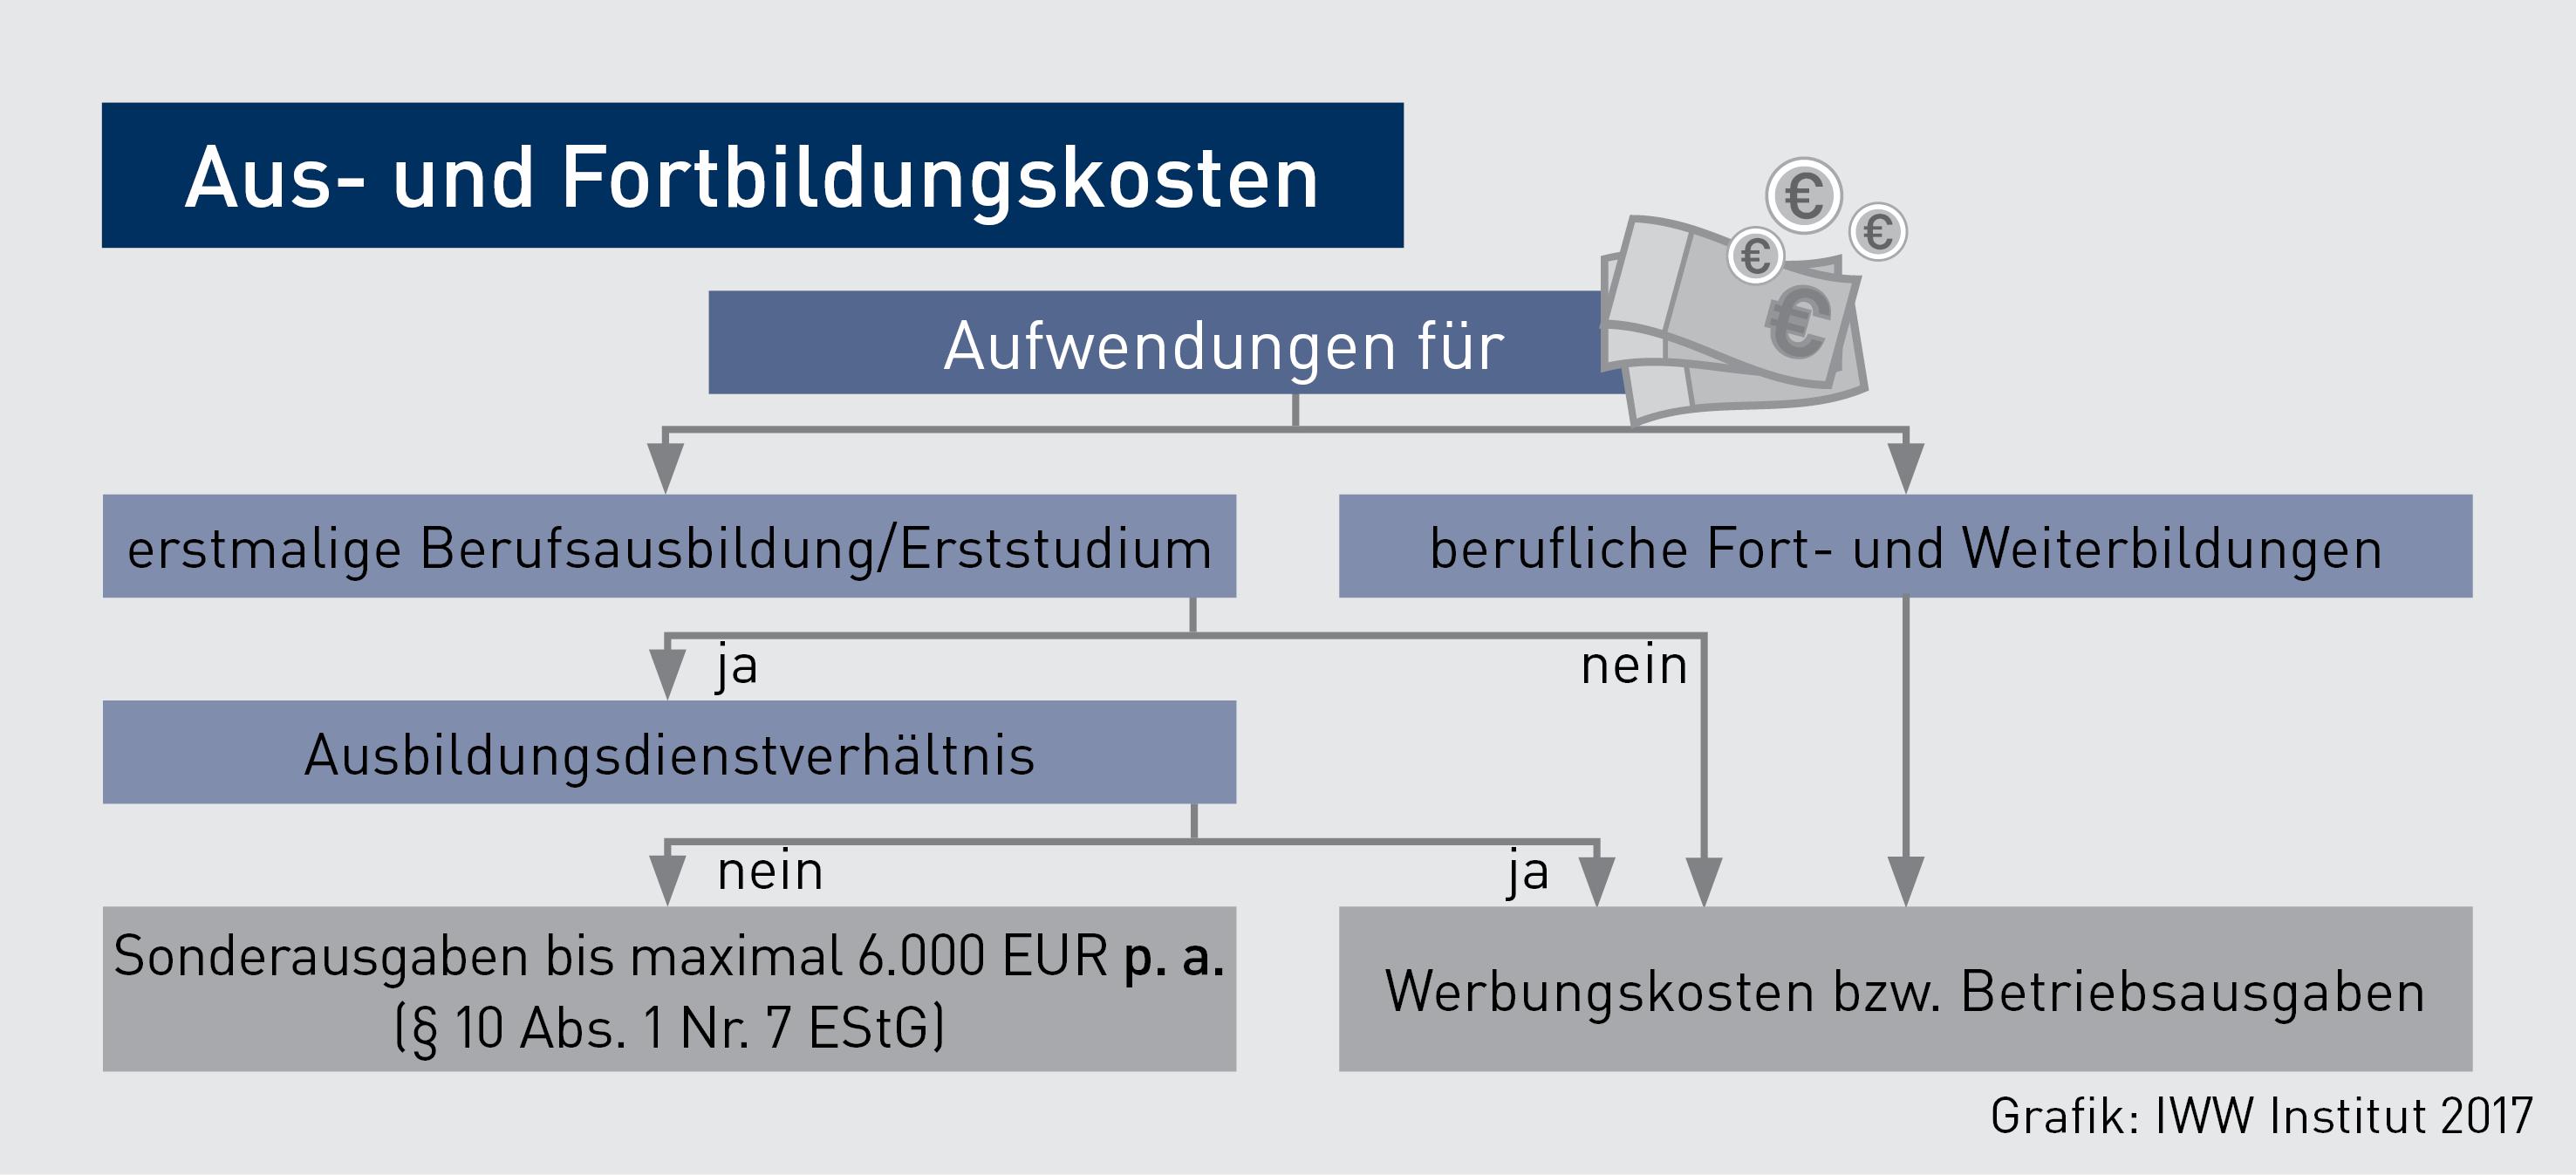 MBP-Grafik_Fortbildungskosten_Normann-jd-neu